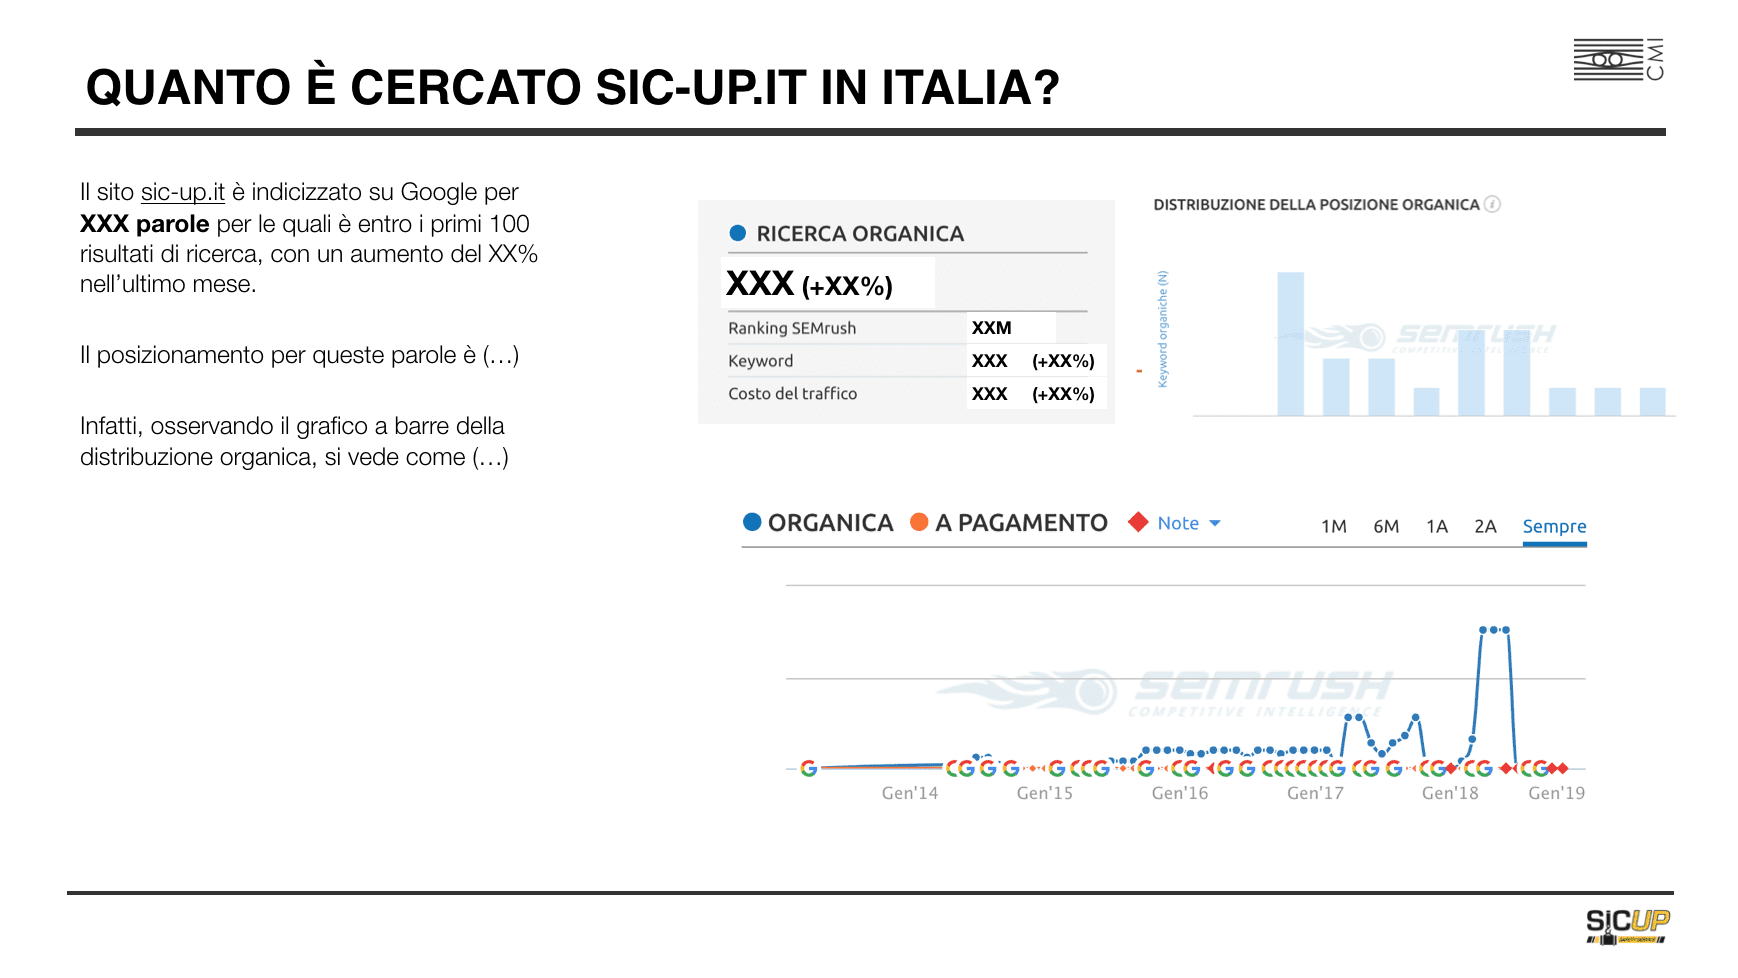 esempio di ricerche su Sic-Up in Italia - indagine di mercato preliminare